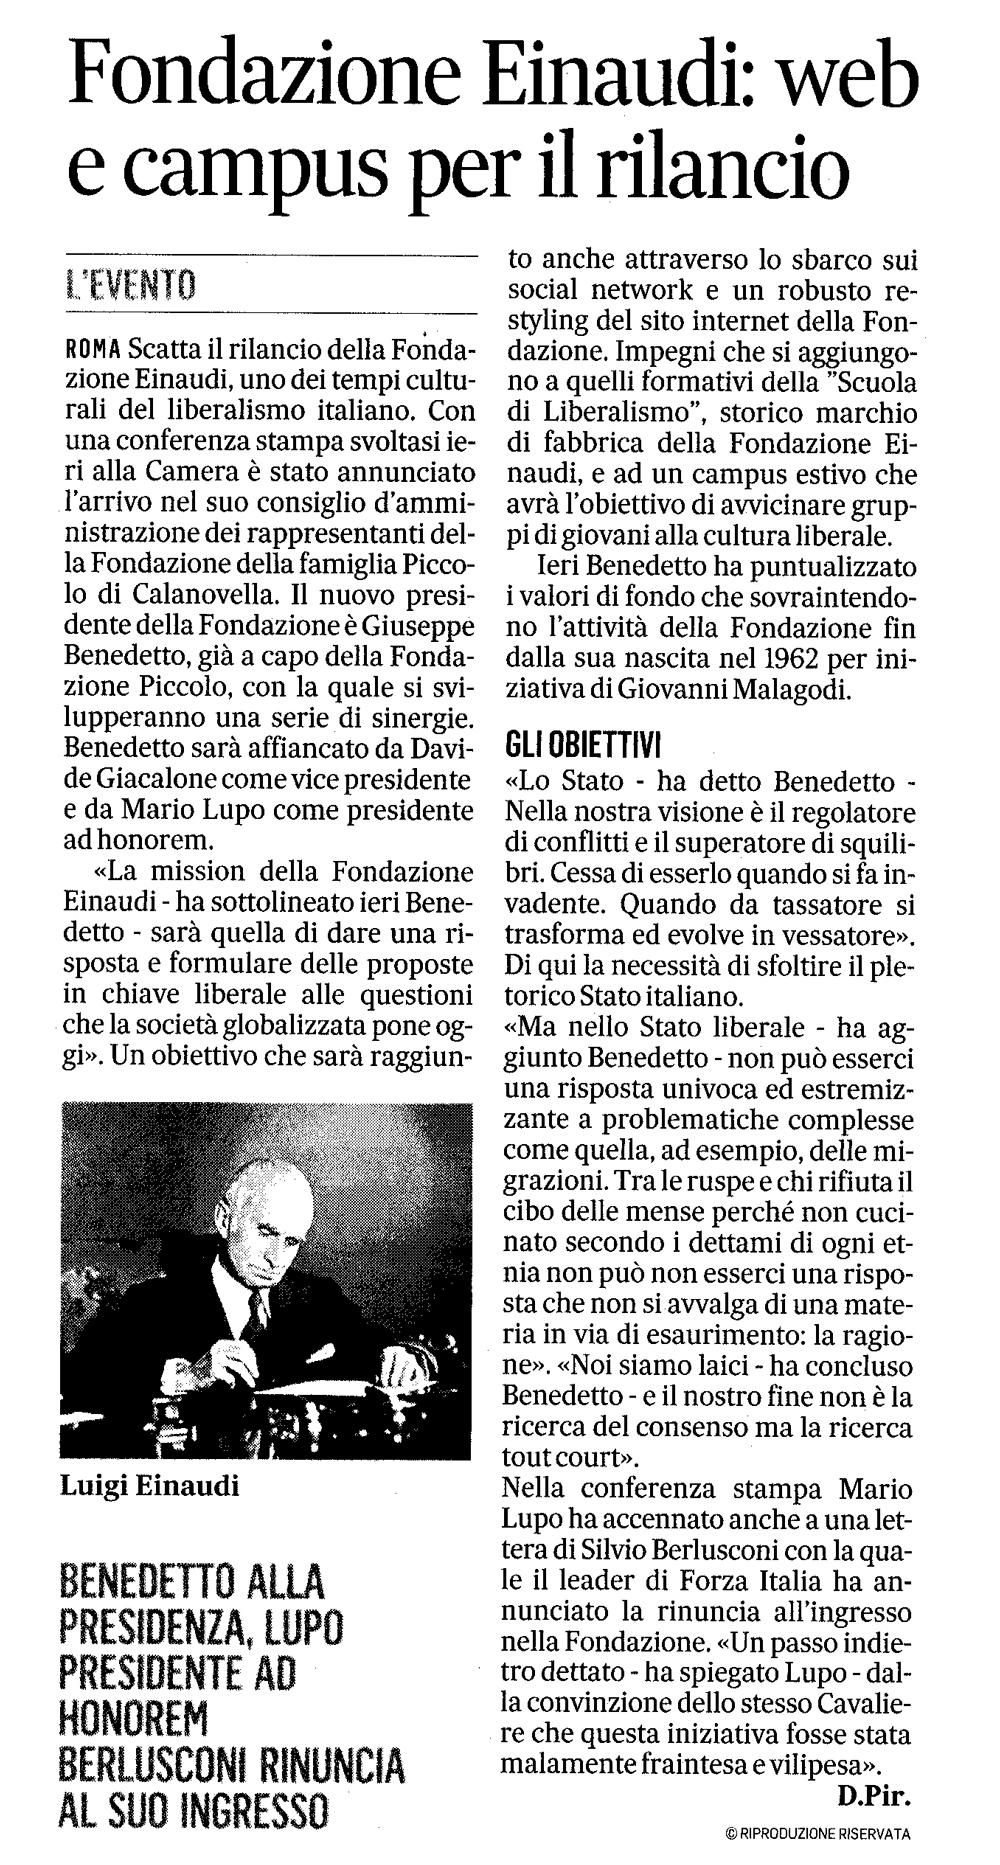 """""""Fondazione einaudi: web e campus per rilancio"""" tratto da """"Il Messaggero"""" del 4 Febbraio 2016"""